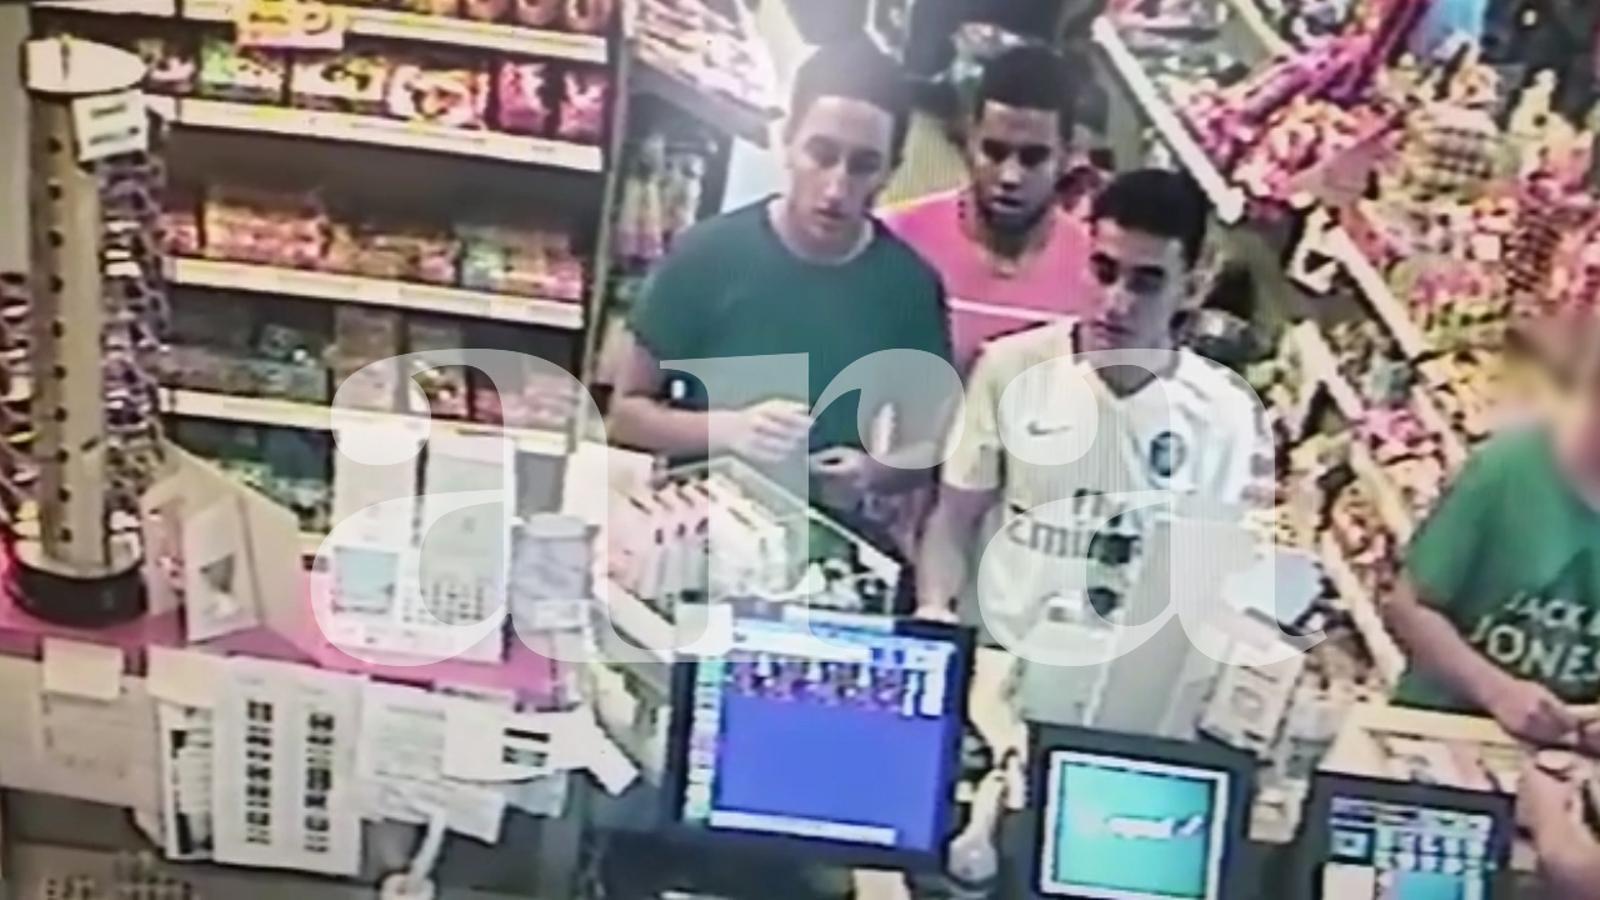 Les últimes imatges dels terroristes de Cambrils quatre hores abans de l'atemptat